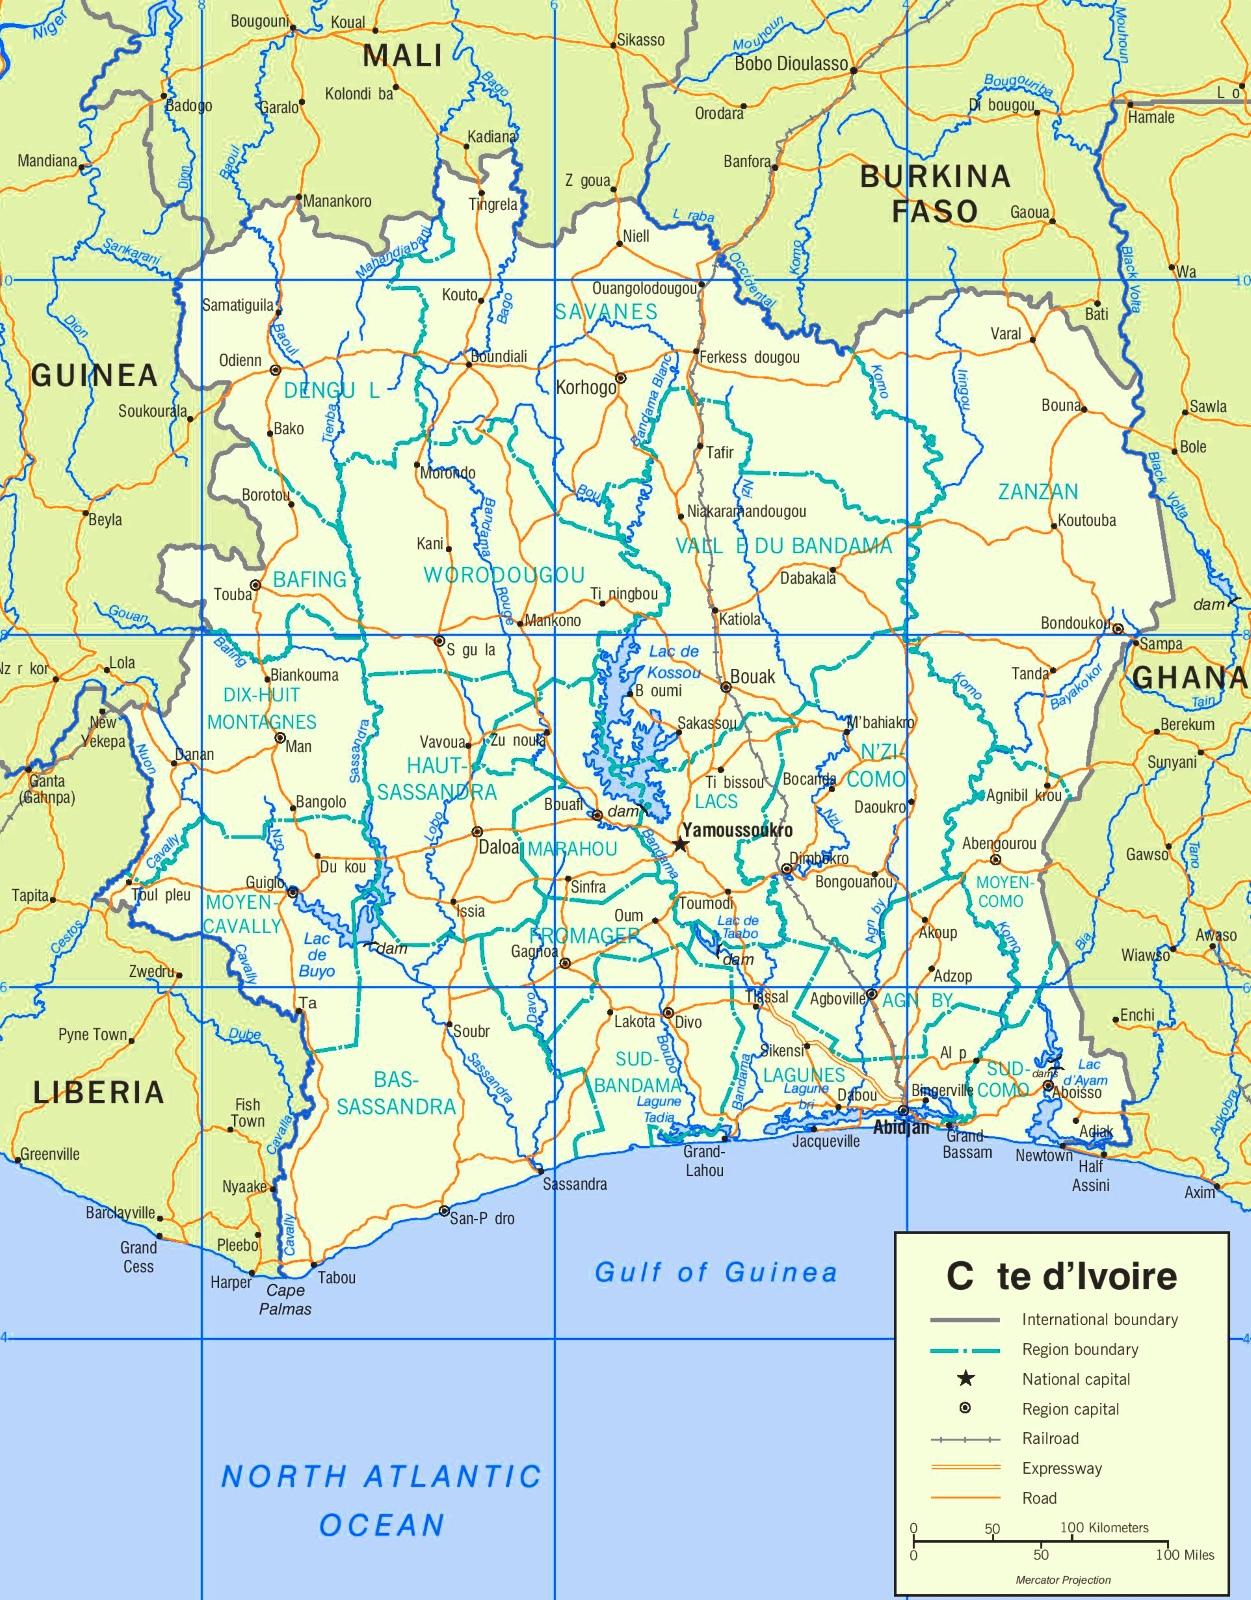 Cte dIvoire road map